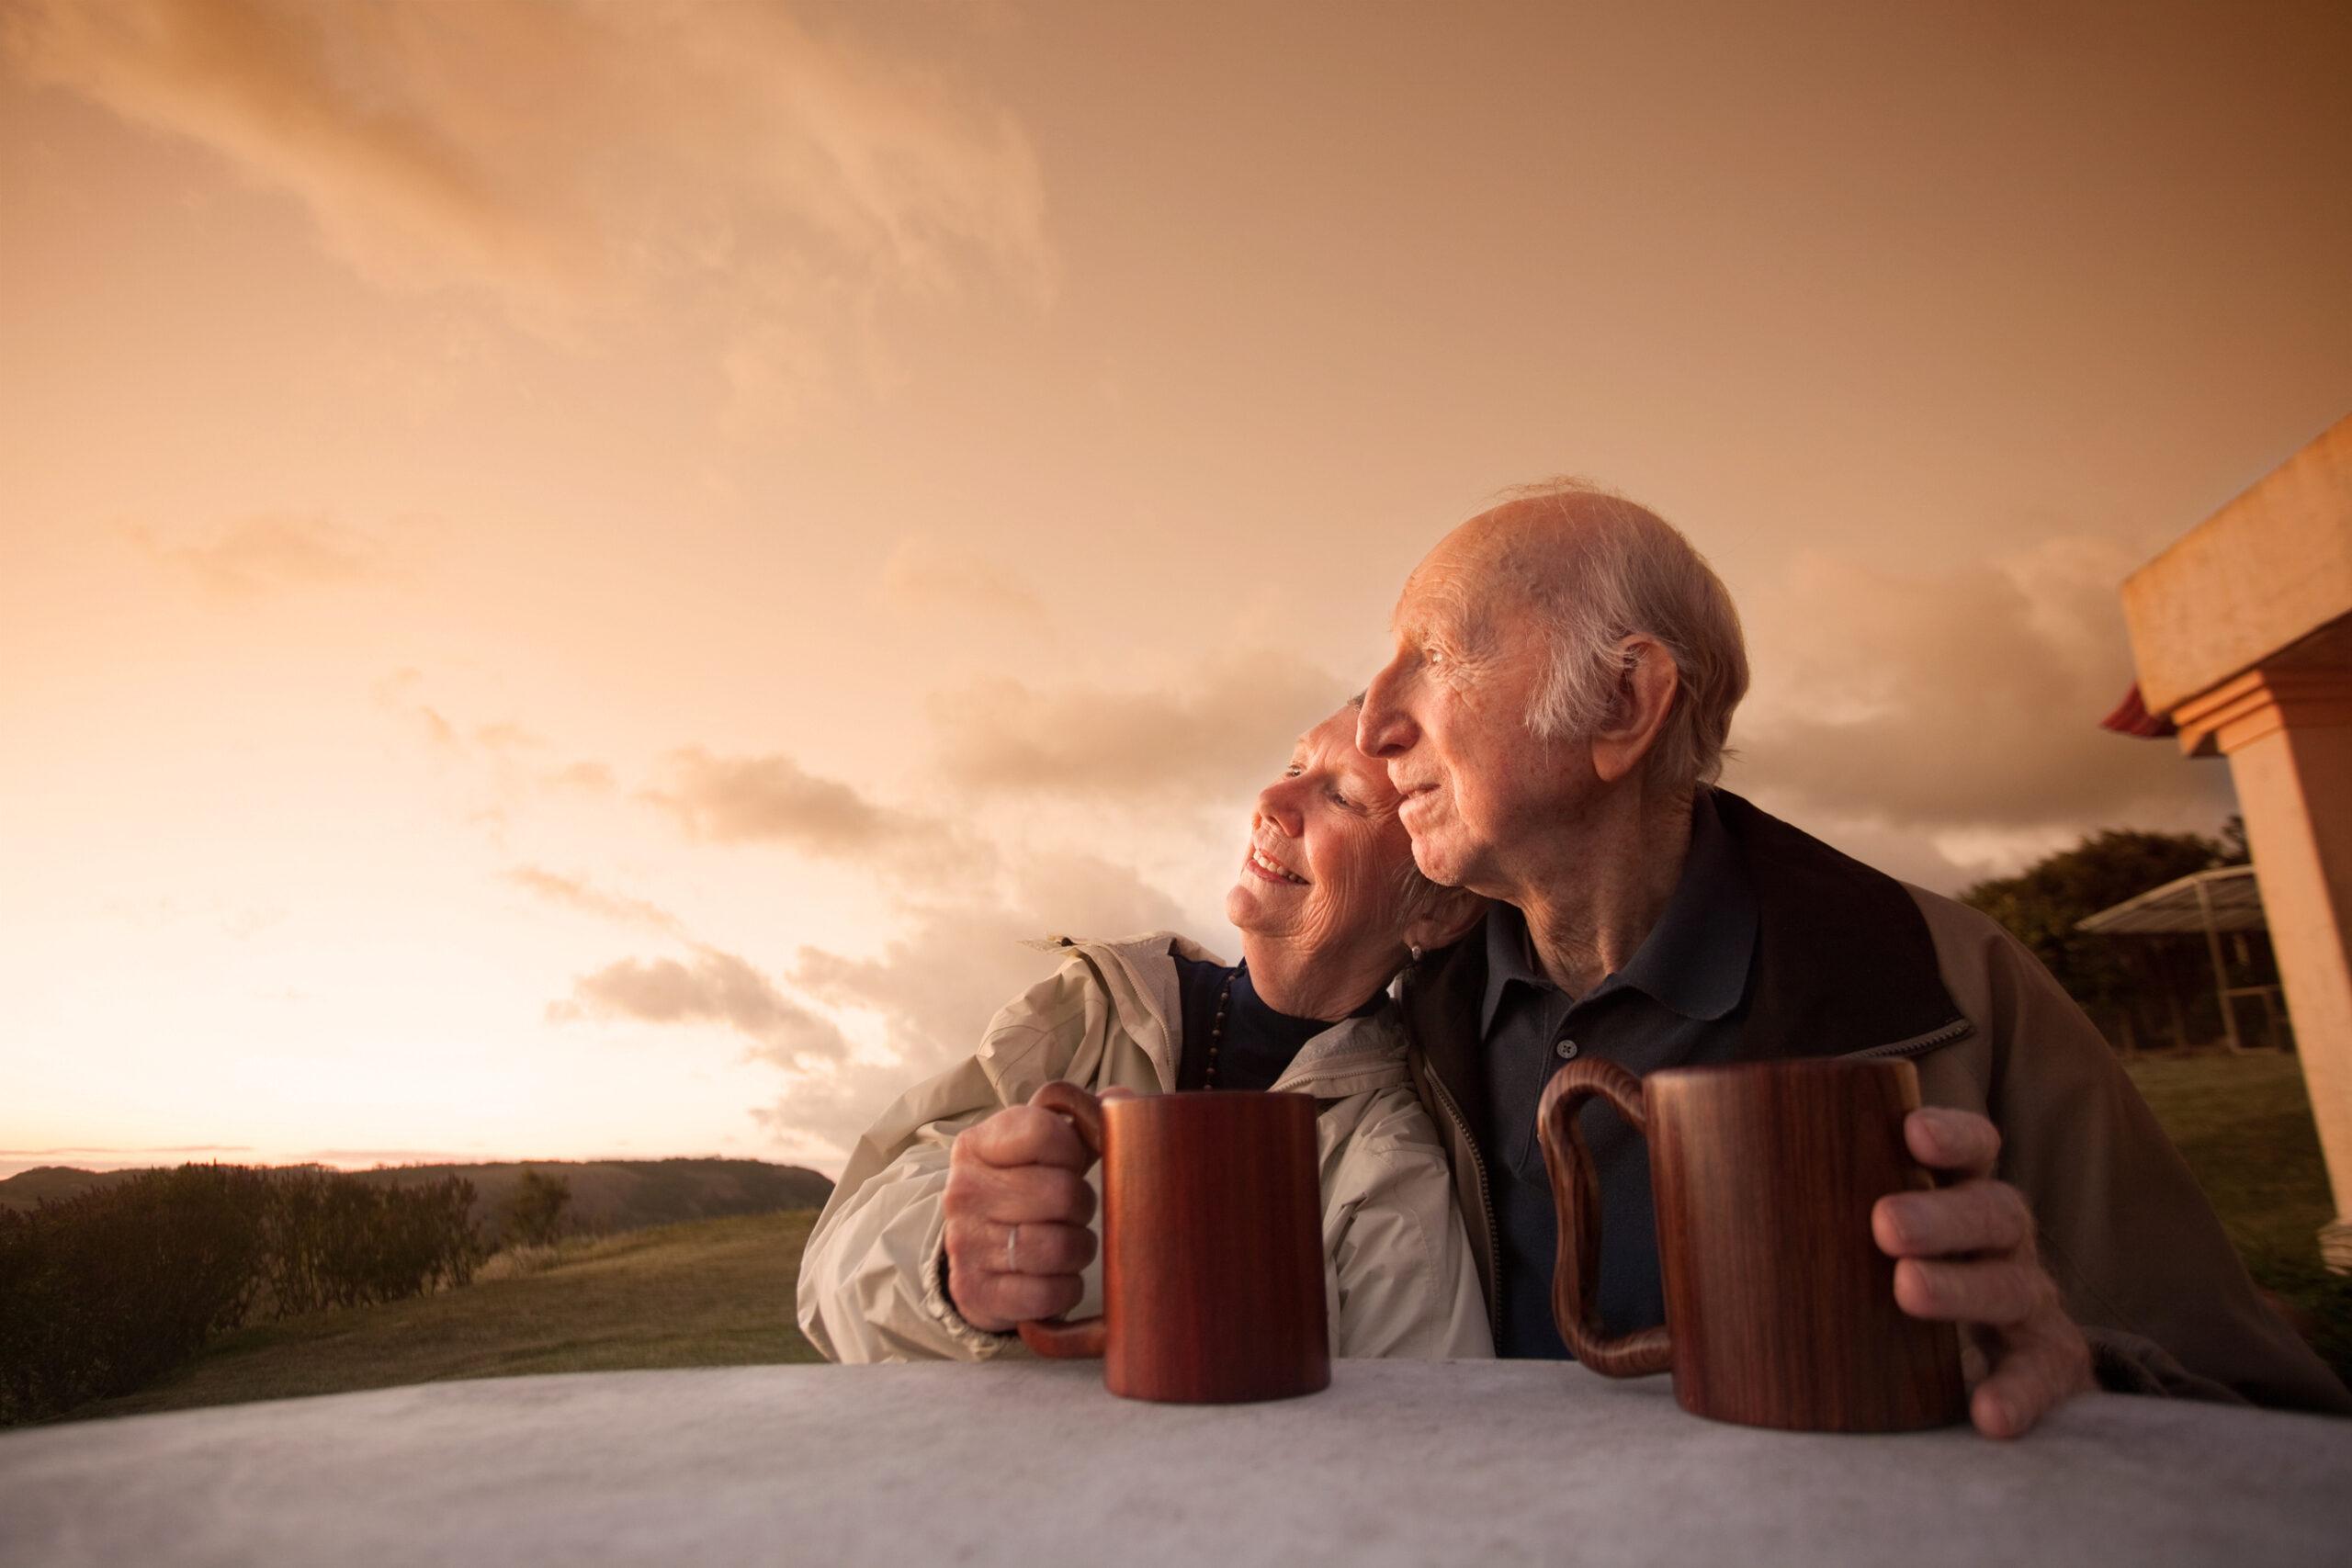 h-ufiger-kaffee-konsum-reduziert-prostatakrebs-risiko